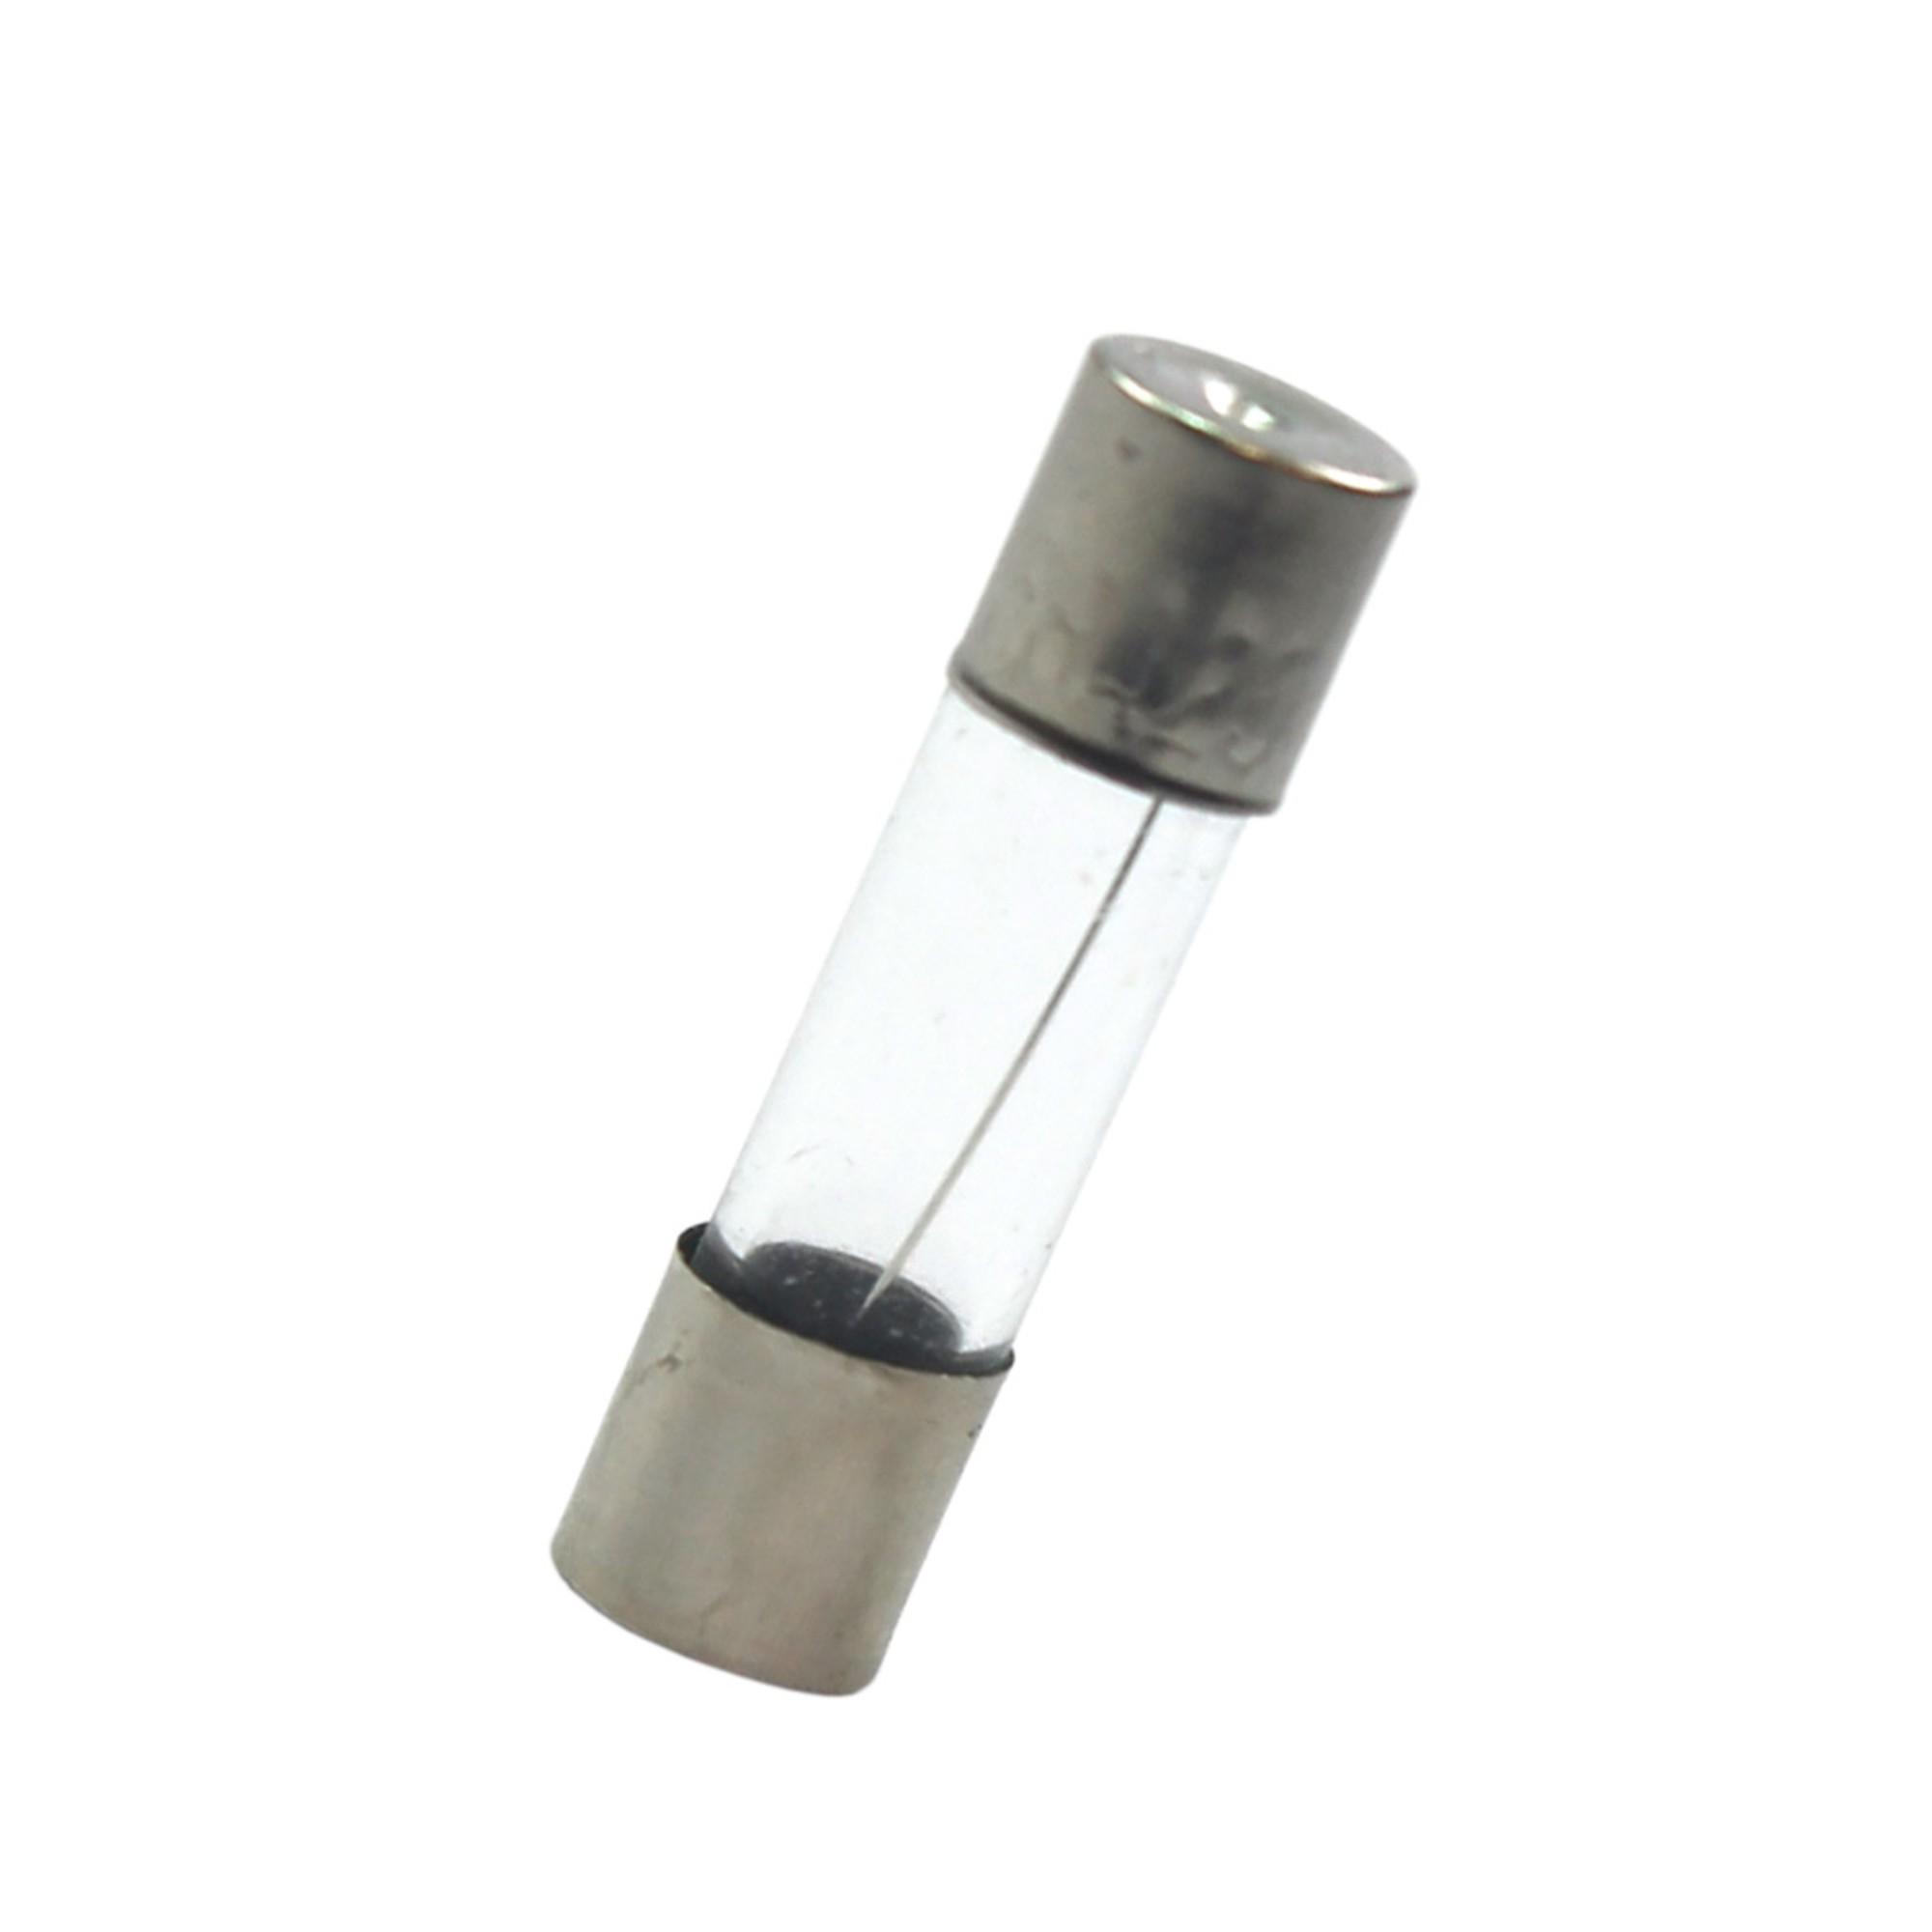 Fusível Vidro Pequeno 5x20 1A C/ 10 Unidades